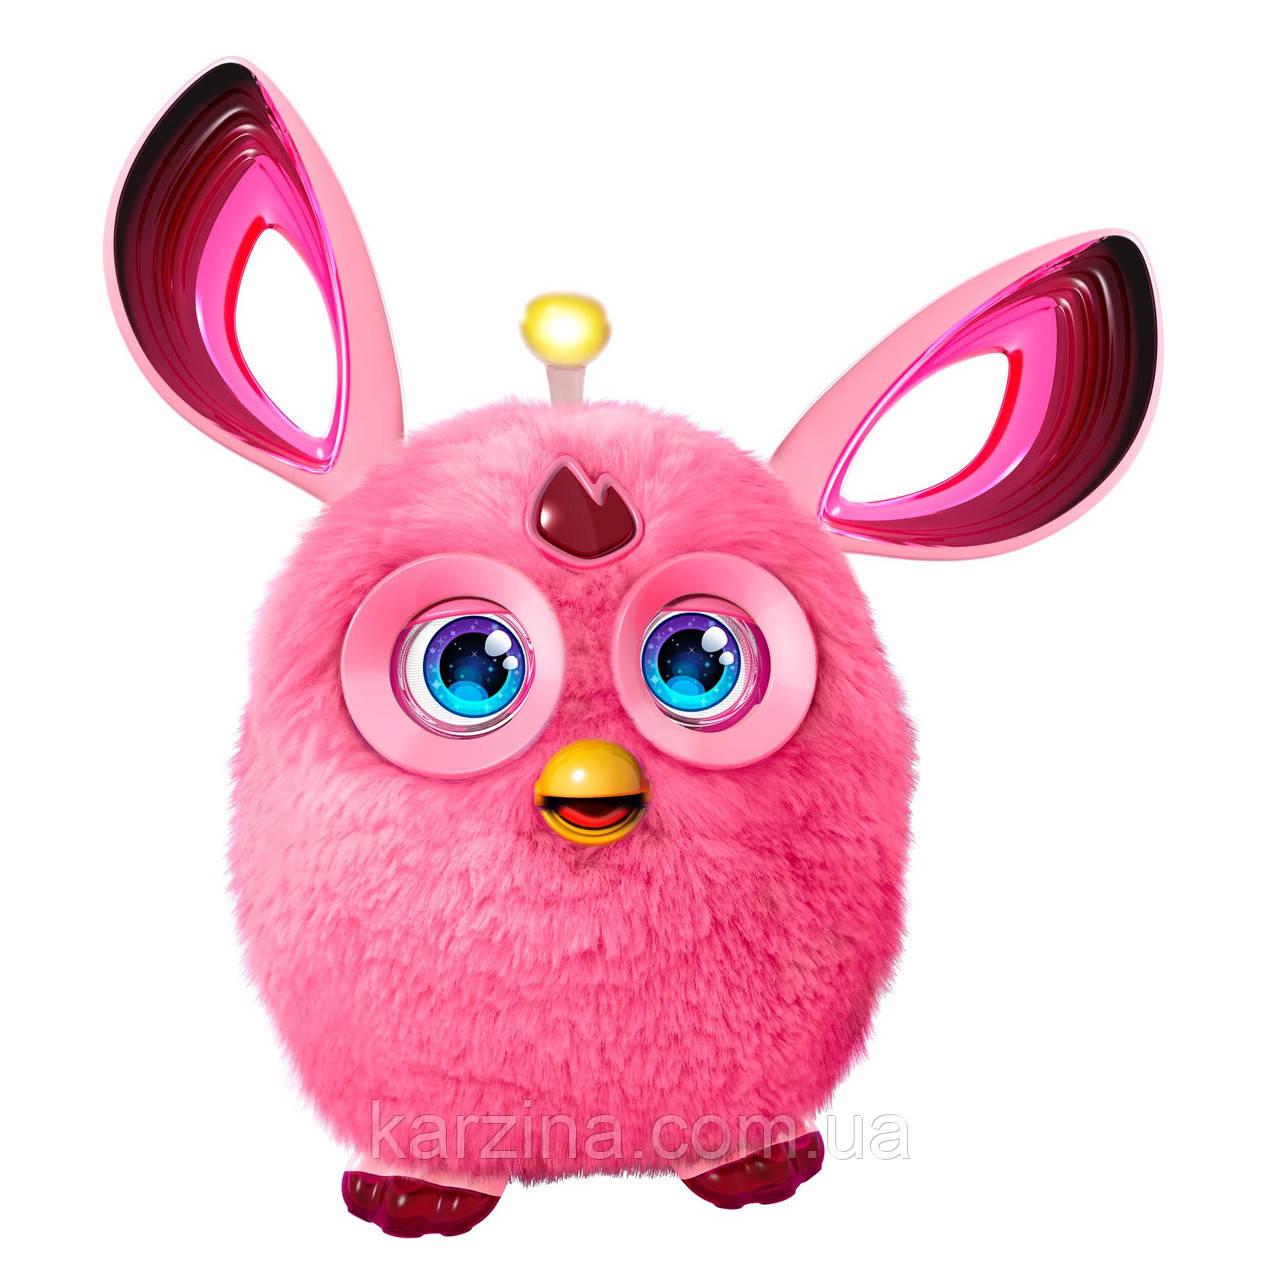 Furby Connect Англоязычный Ферби Коннект розовый Hasbro